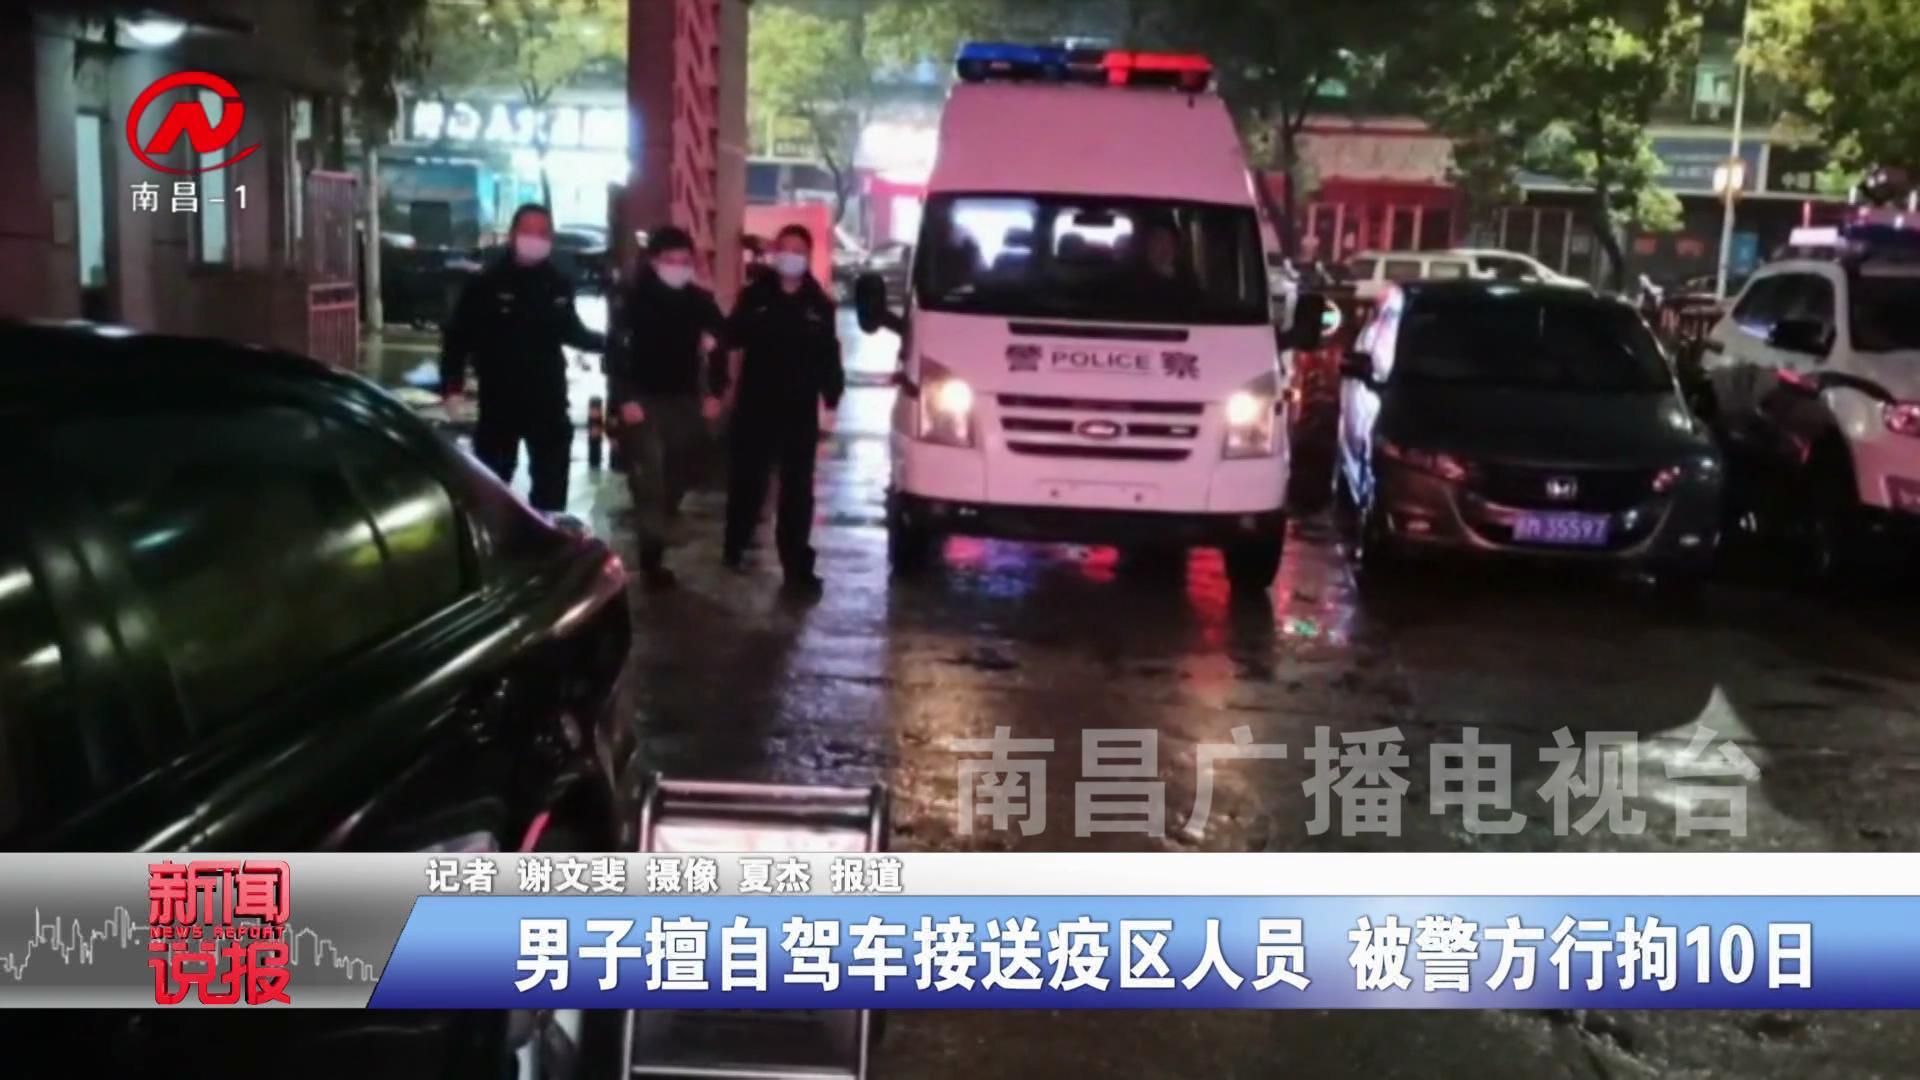 男子擅自驾车接送疫区人员 被警方行拘10日